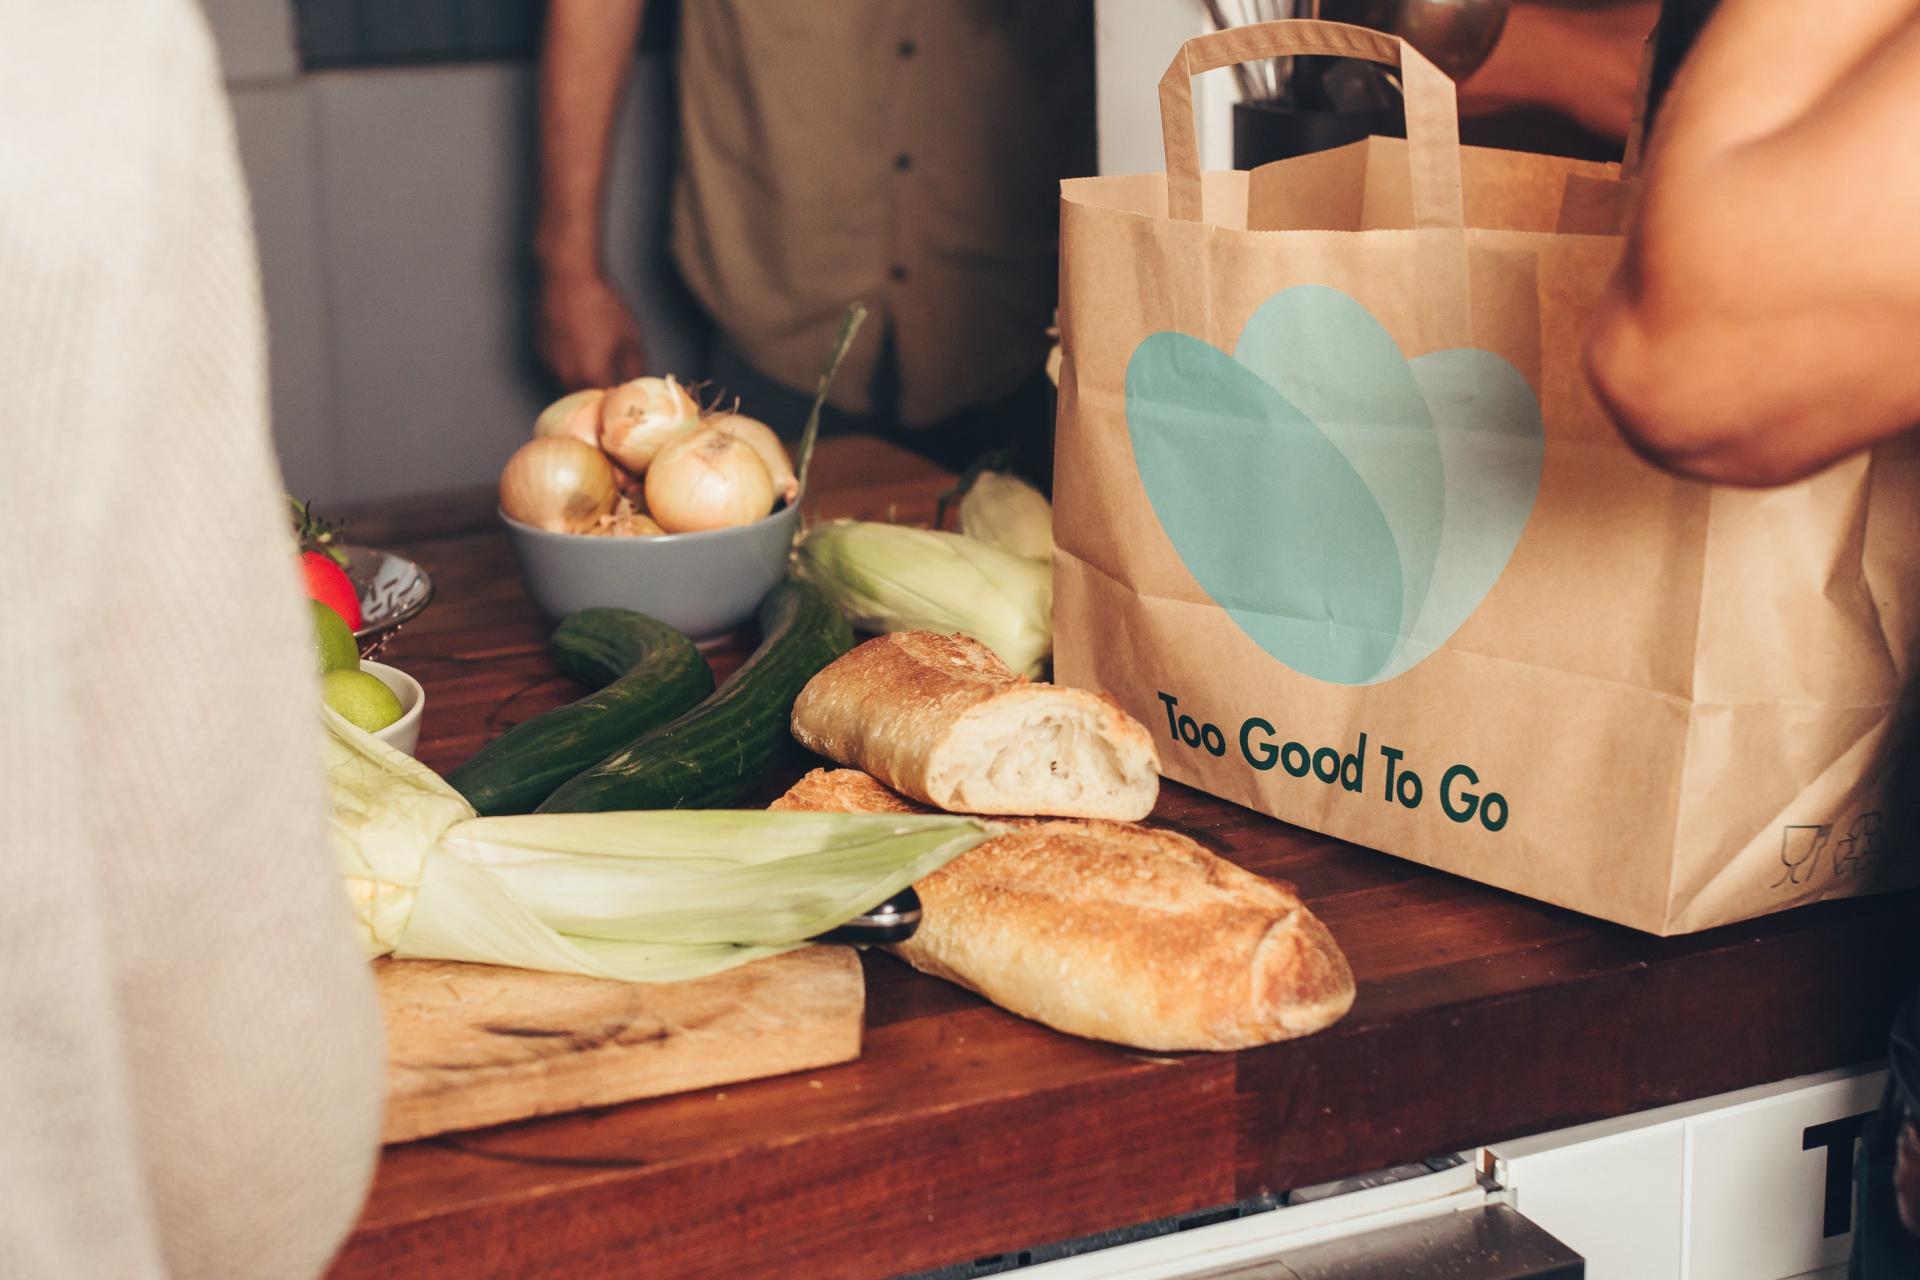 LC_Comer_Too Good To Go cria projeto temporário de Take-Away